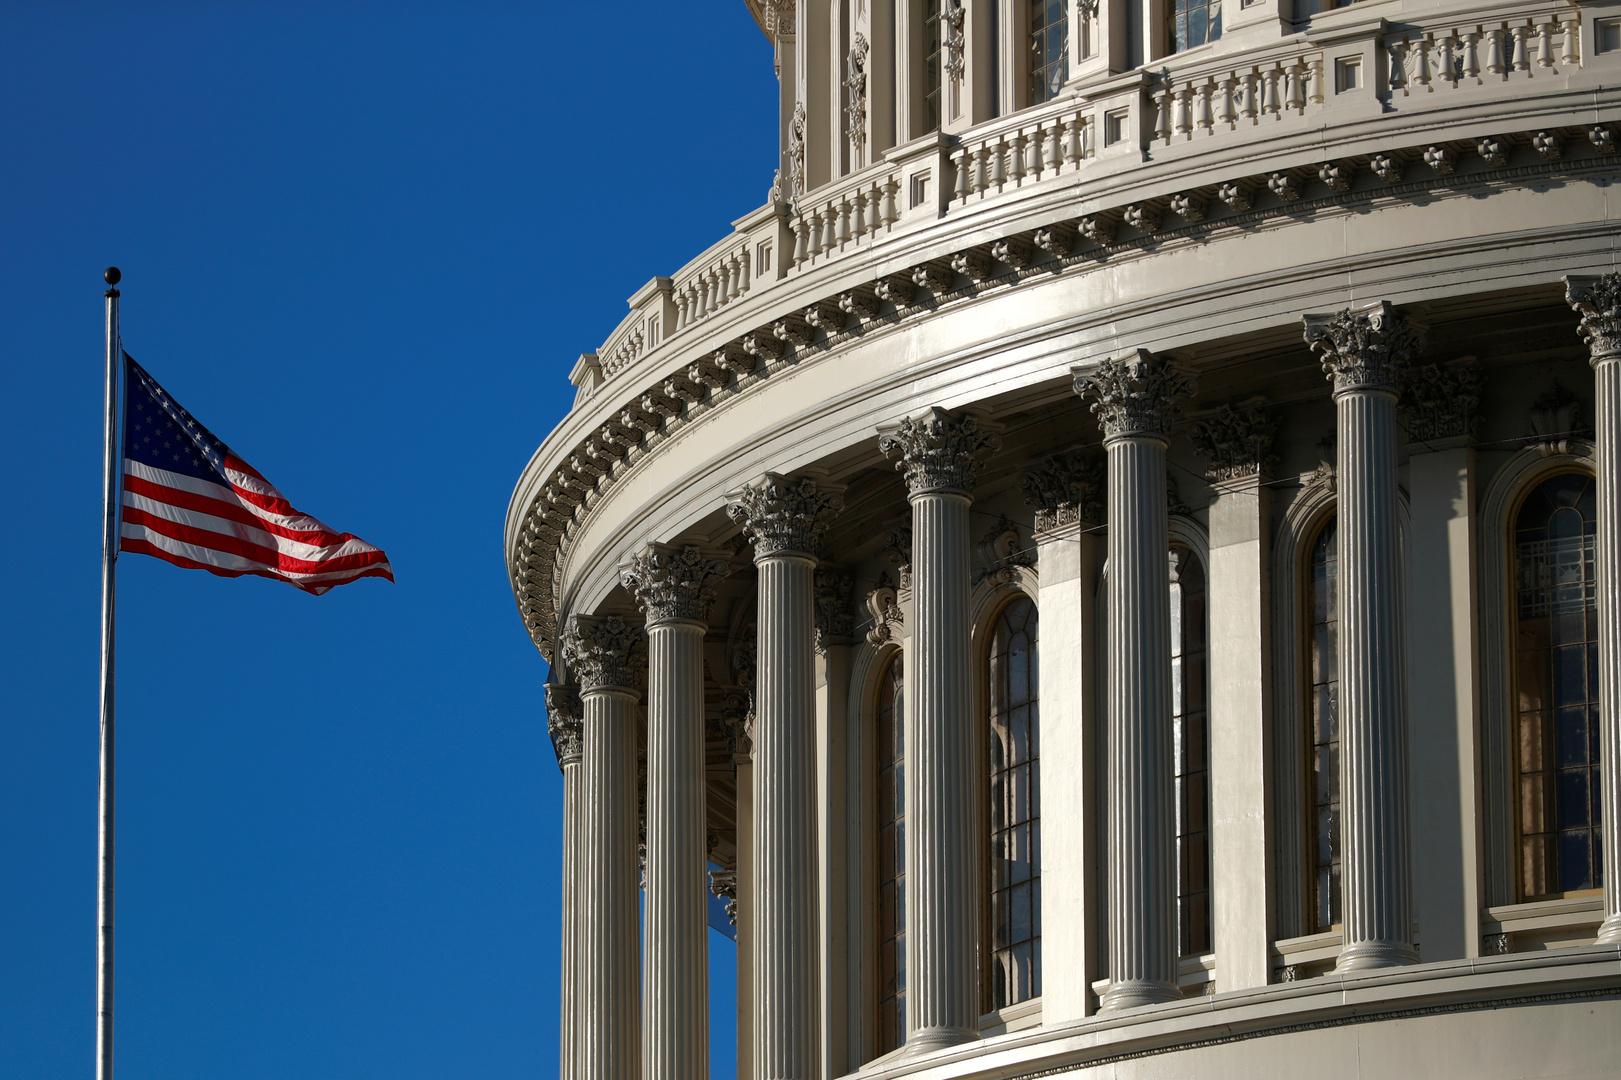 اتفاق بين مجلس الشيوخ وإدارة ترامب بشأن مشروع قانون يتعلق بـ